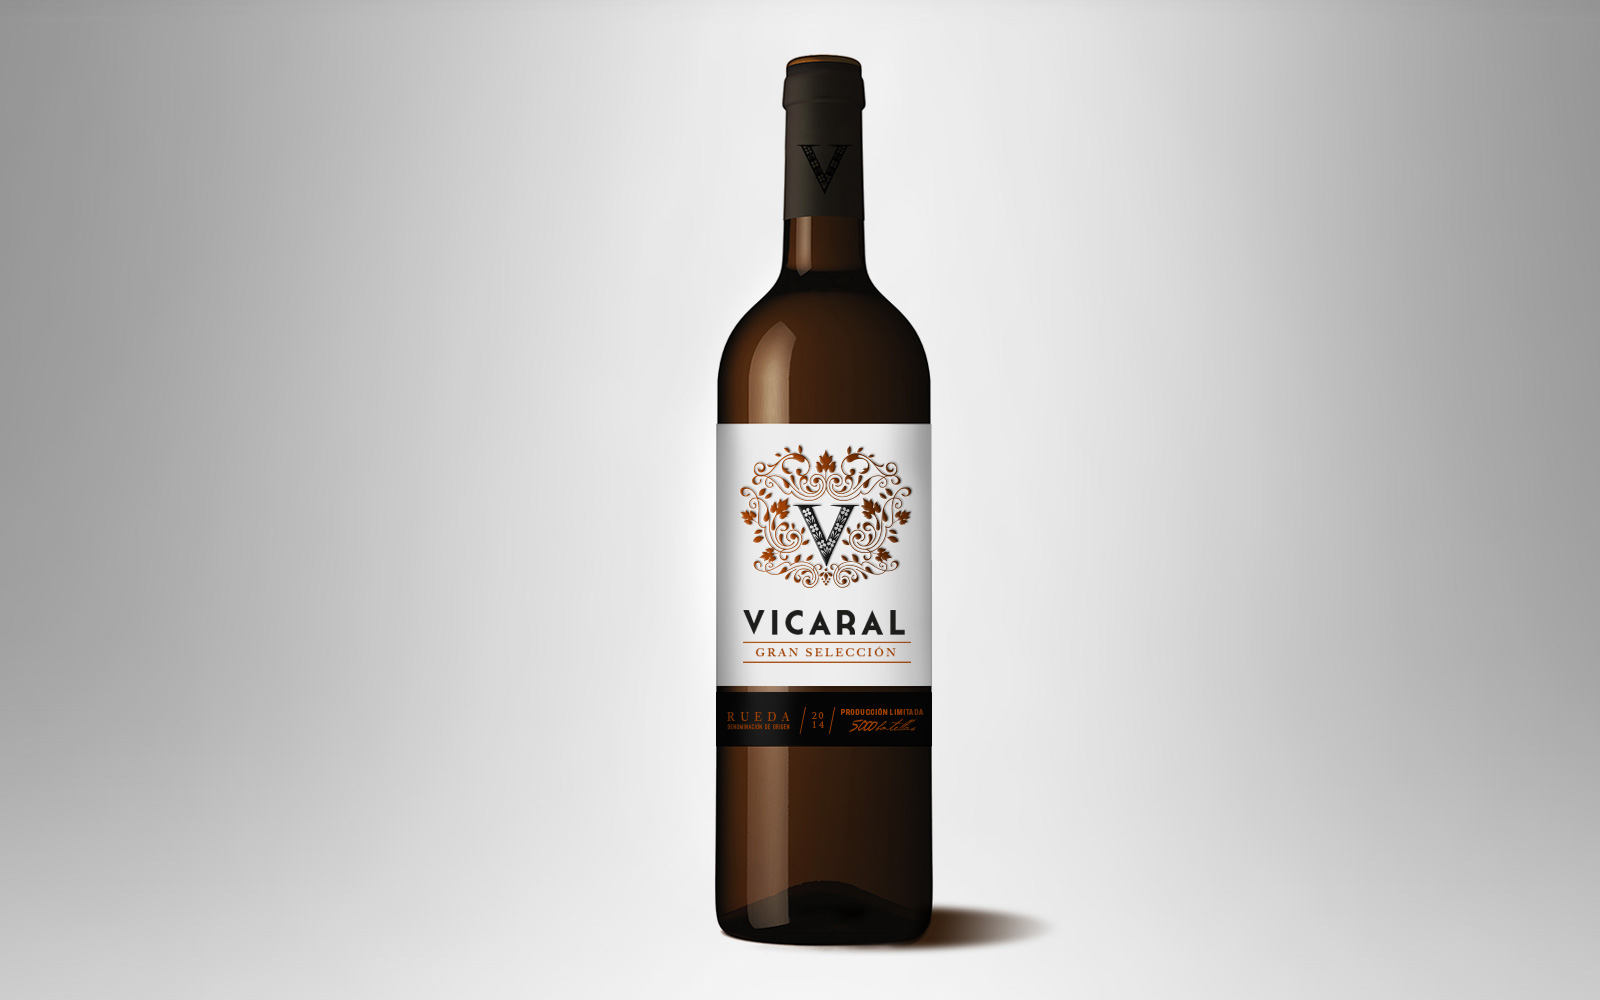 etiqueta_vino_gran_vicaral_rueda